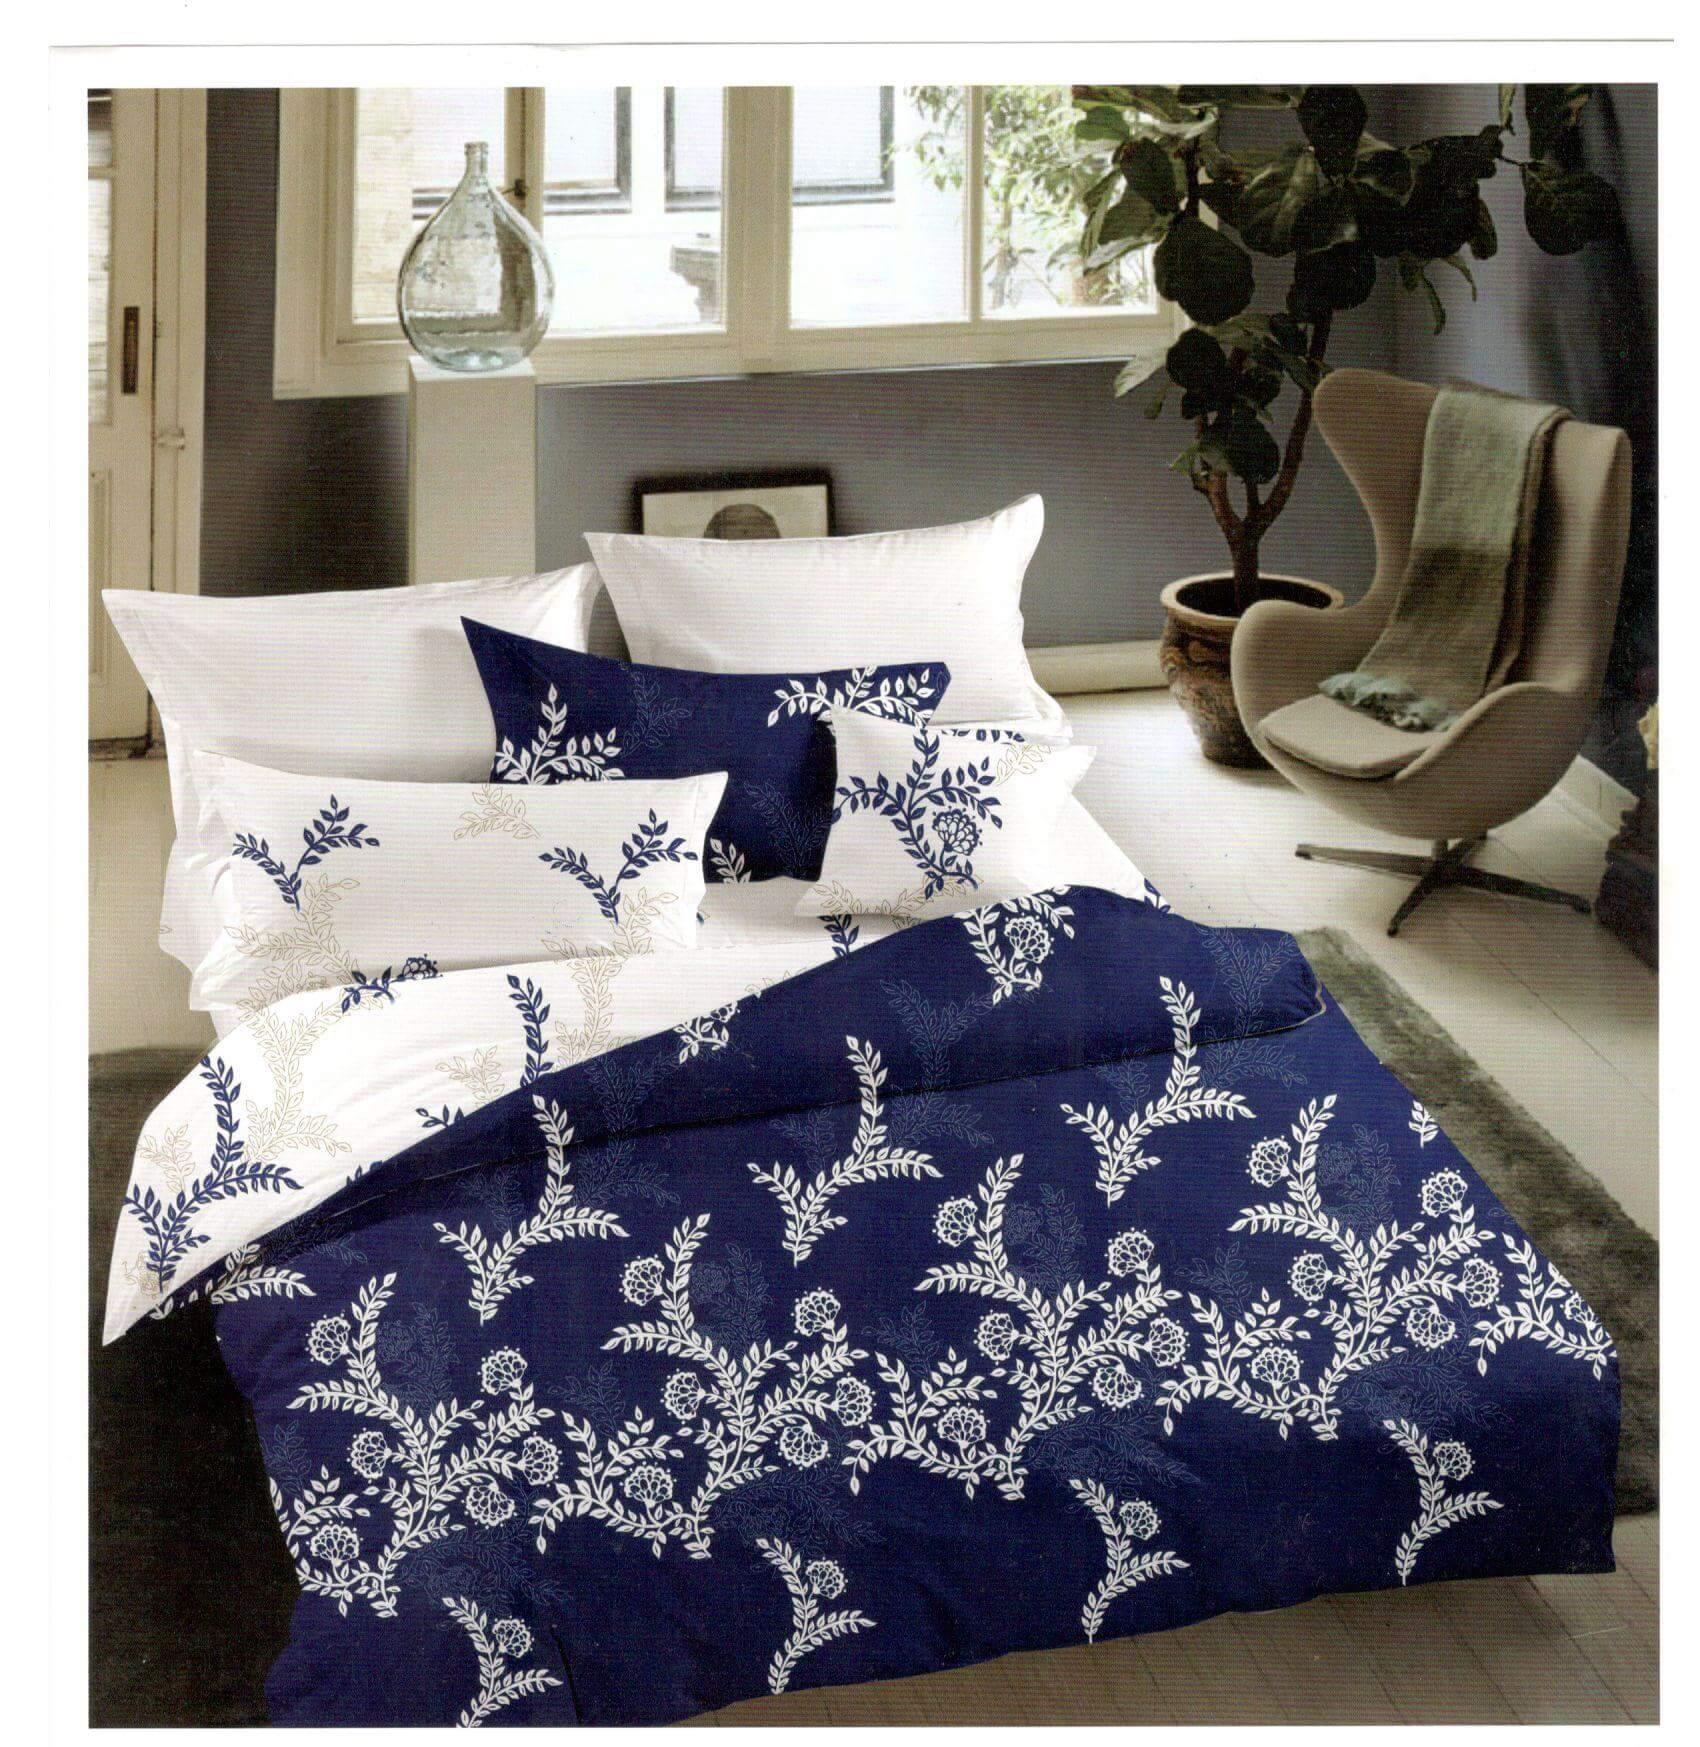 Lenjerie de pat moderna din bumbac satinat S1